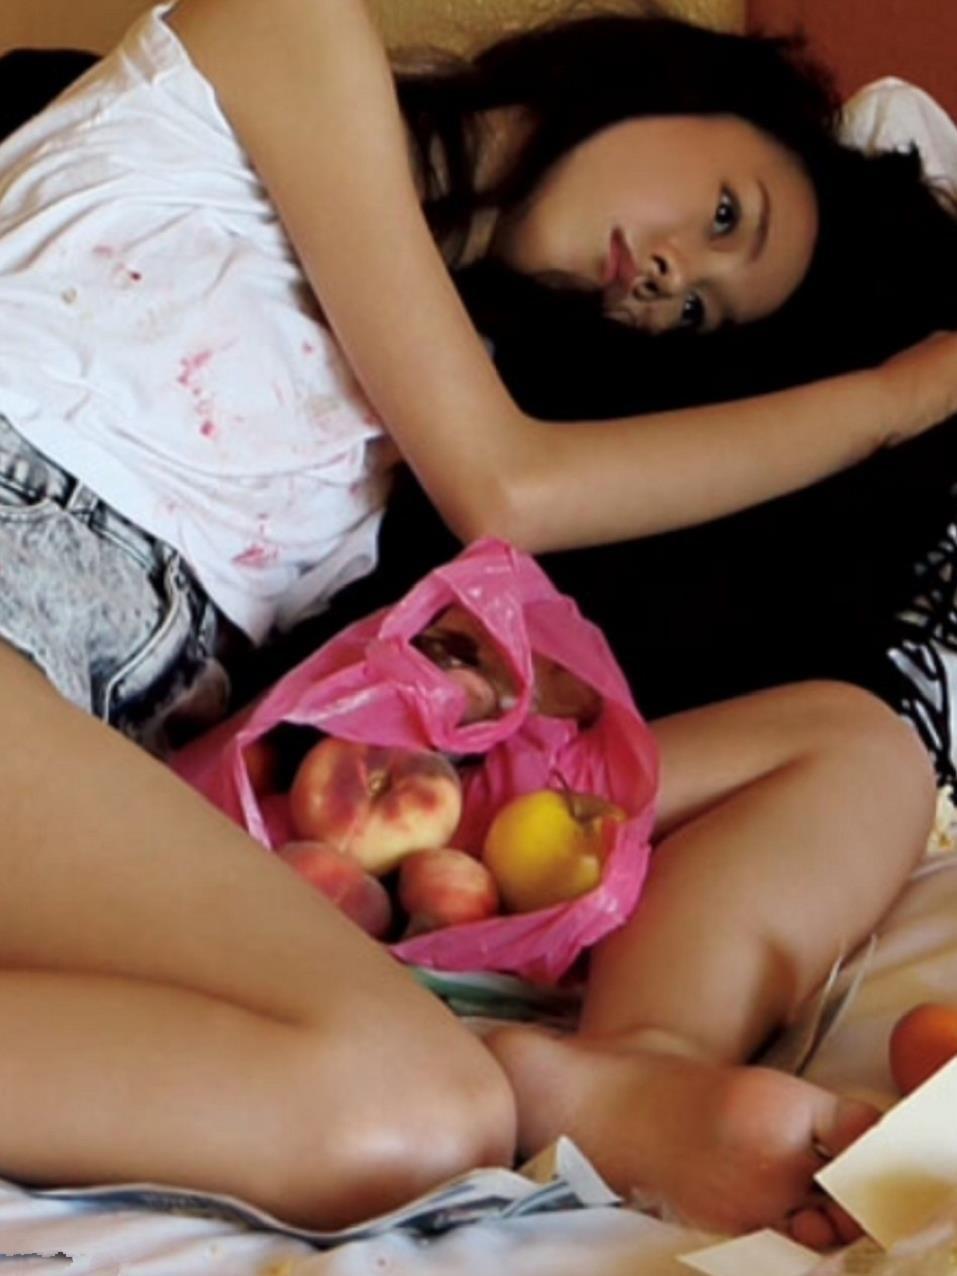 【桐谷美玲ヌード】全裸だよね?細身好きにはたまんないスレンダーボディーの桐谷美玲のグラビア&芸能人お宝画像★・46枚目の画像